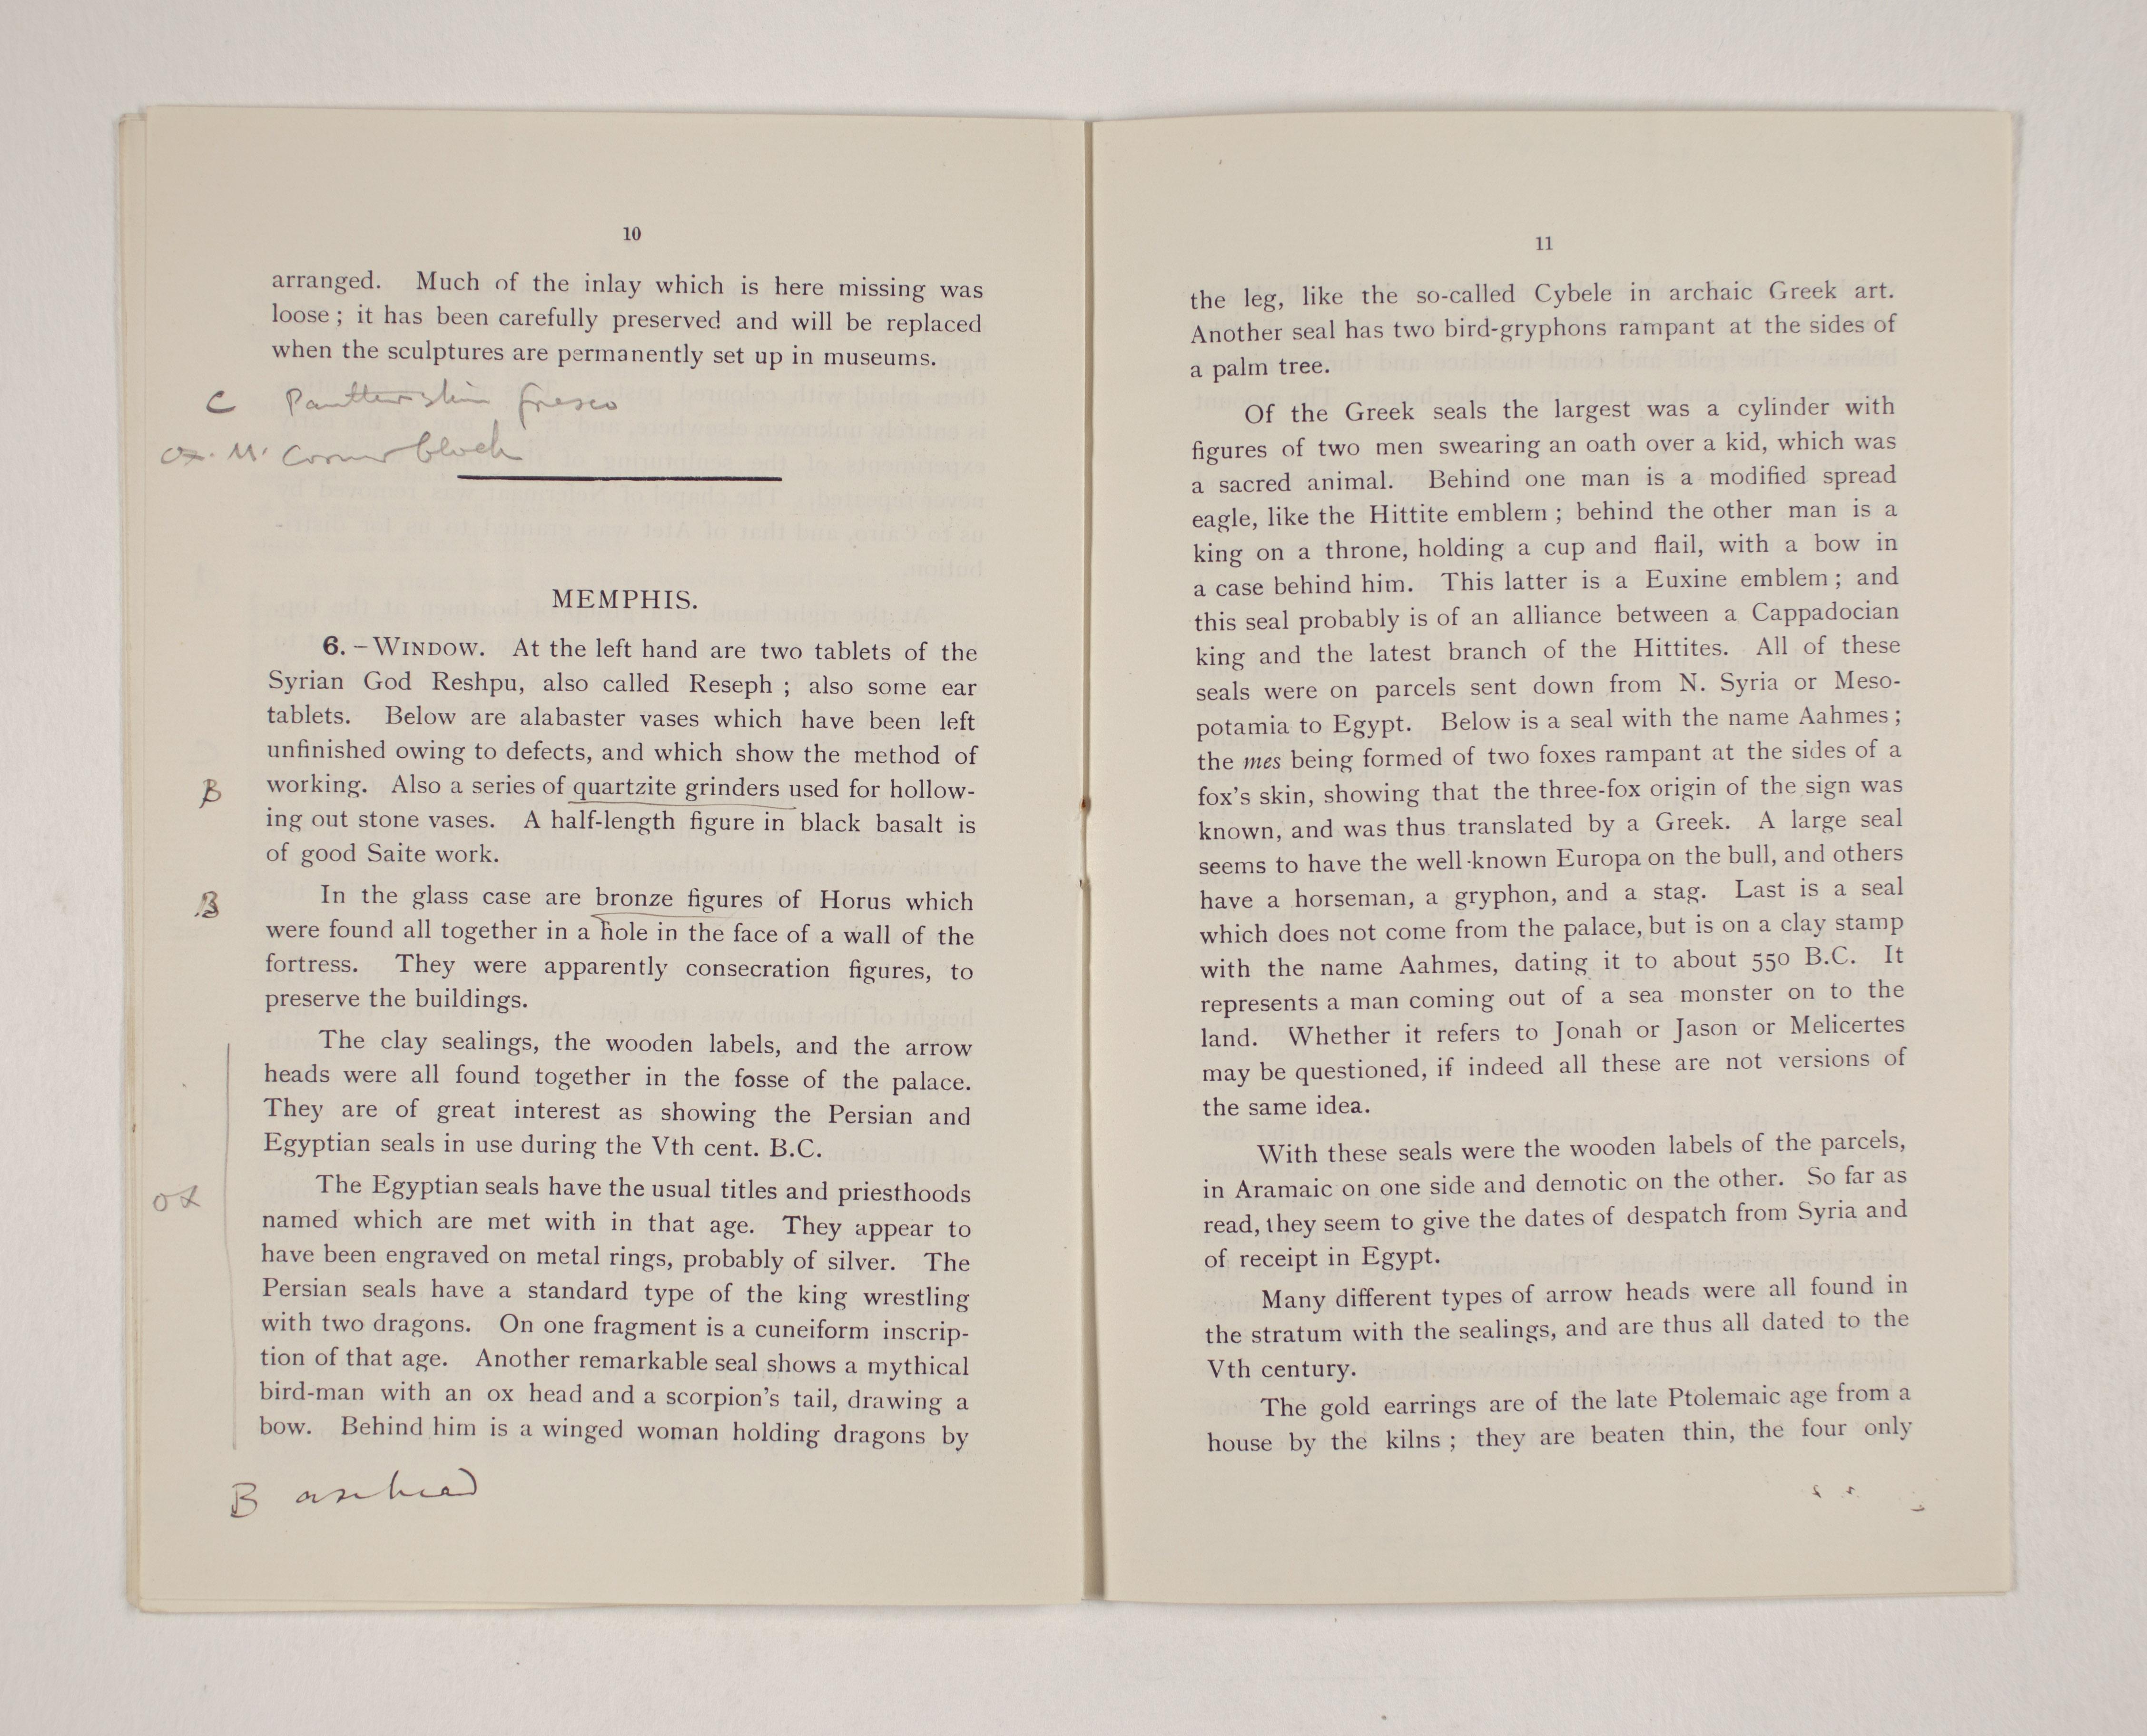 1909-10 Meidum, Memphis Exhibition catalogue PMA/WFP1/D/18/16.6